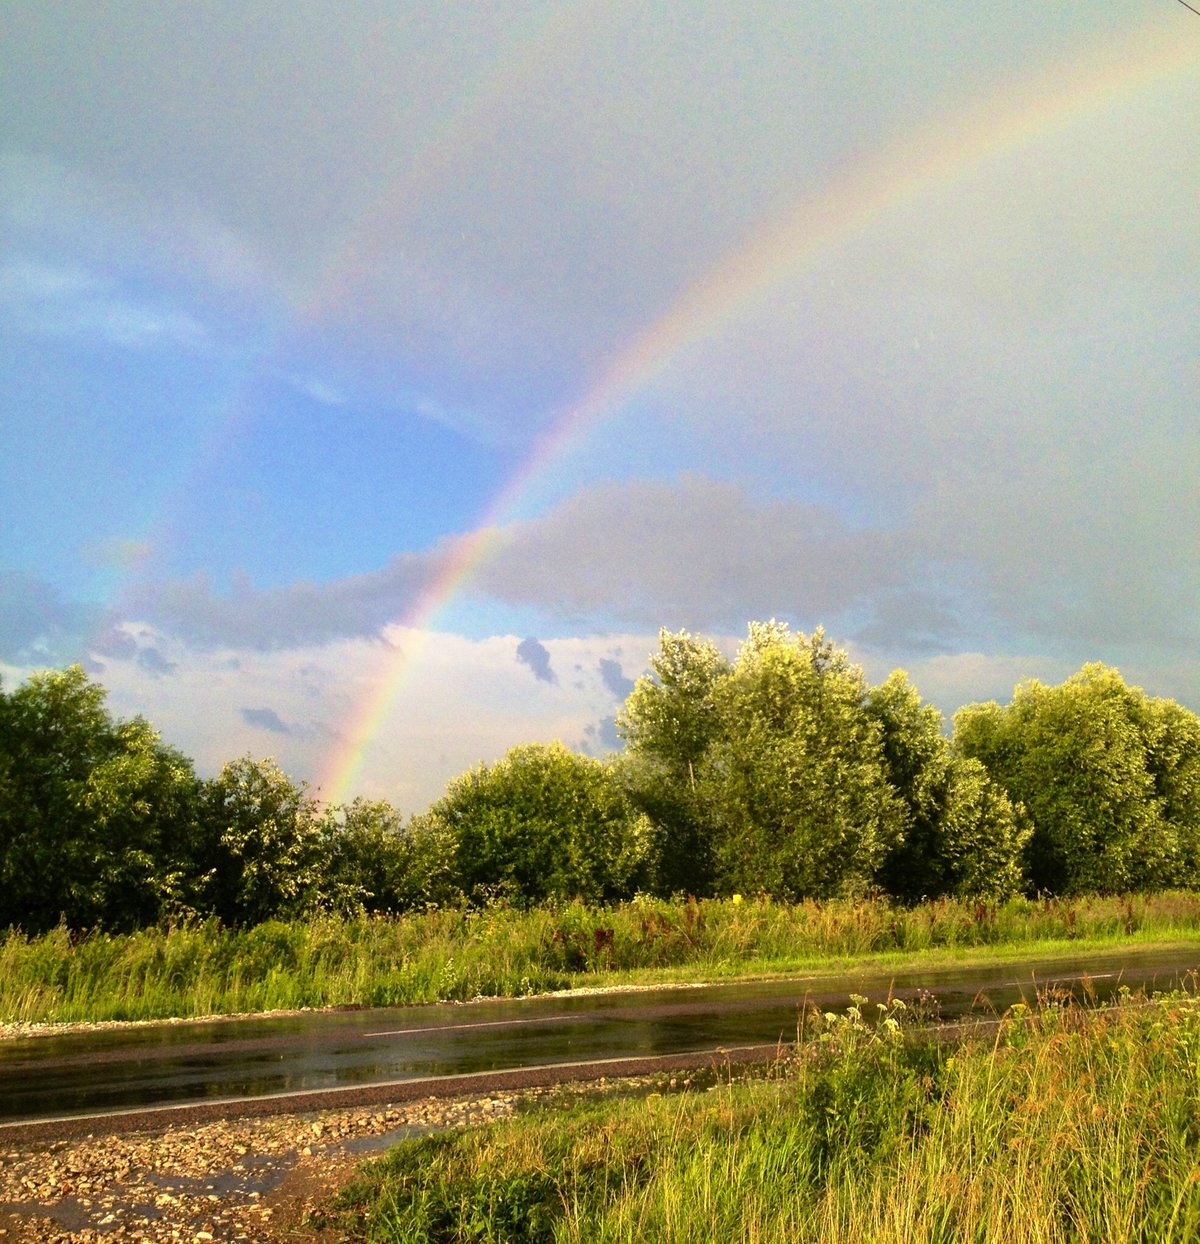 этом фото радуги после дождя она